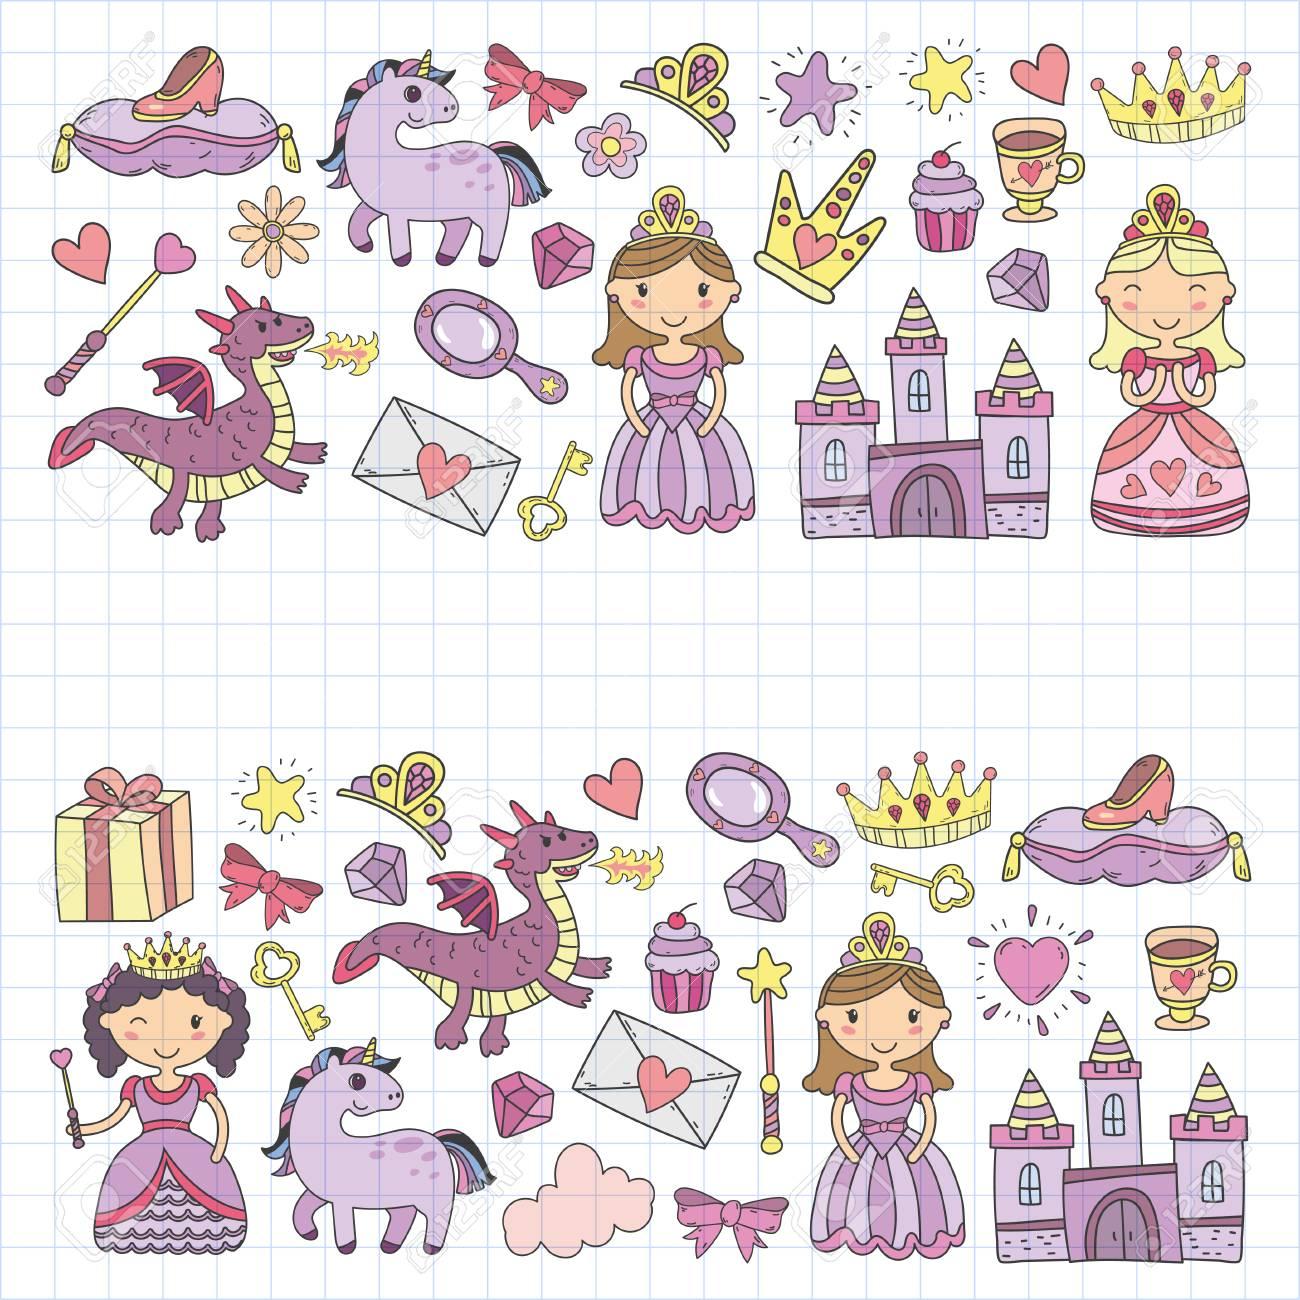 Conjunto De Icono De Princesa Y Fantasía De Doodle Yy Elemento De Diseño Para Invitación Y Tarjeta De Felicitación Niños Dibujando Preescolar